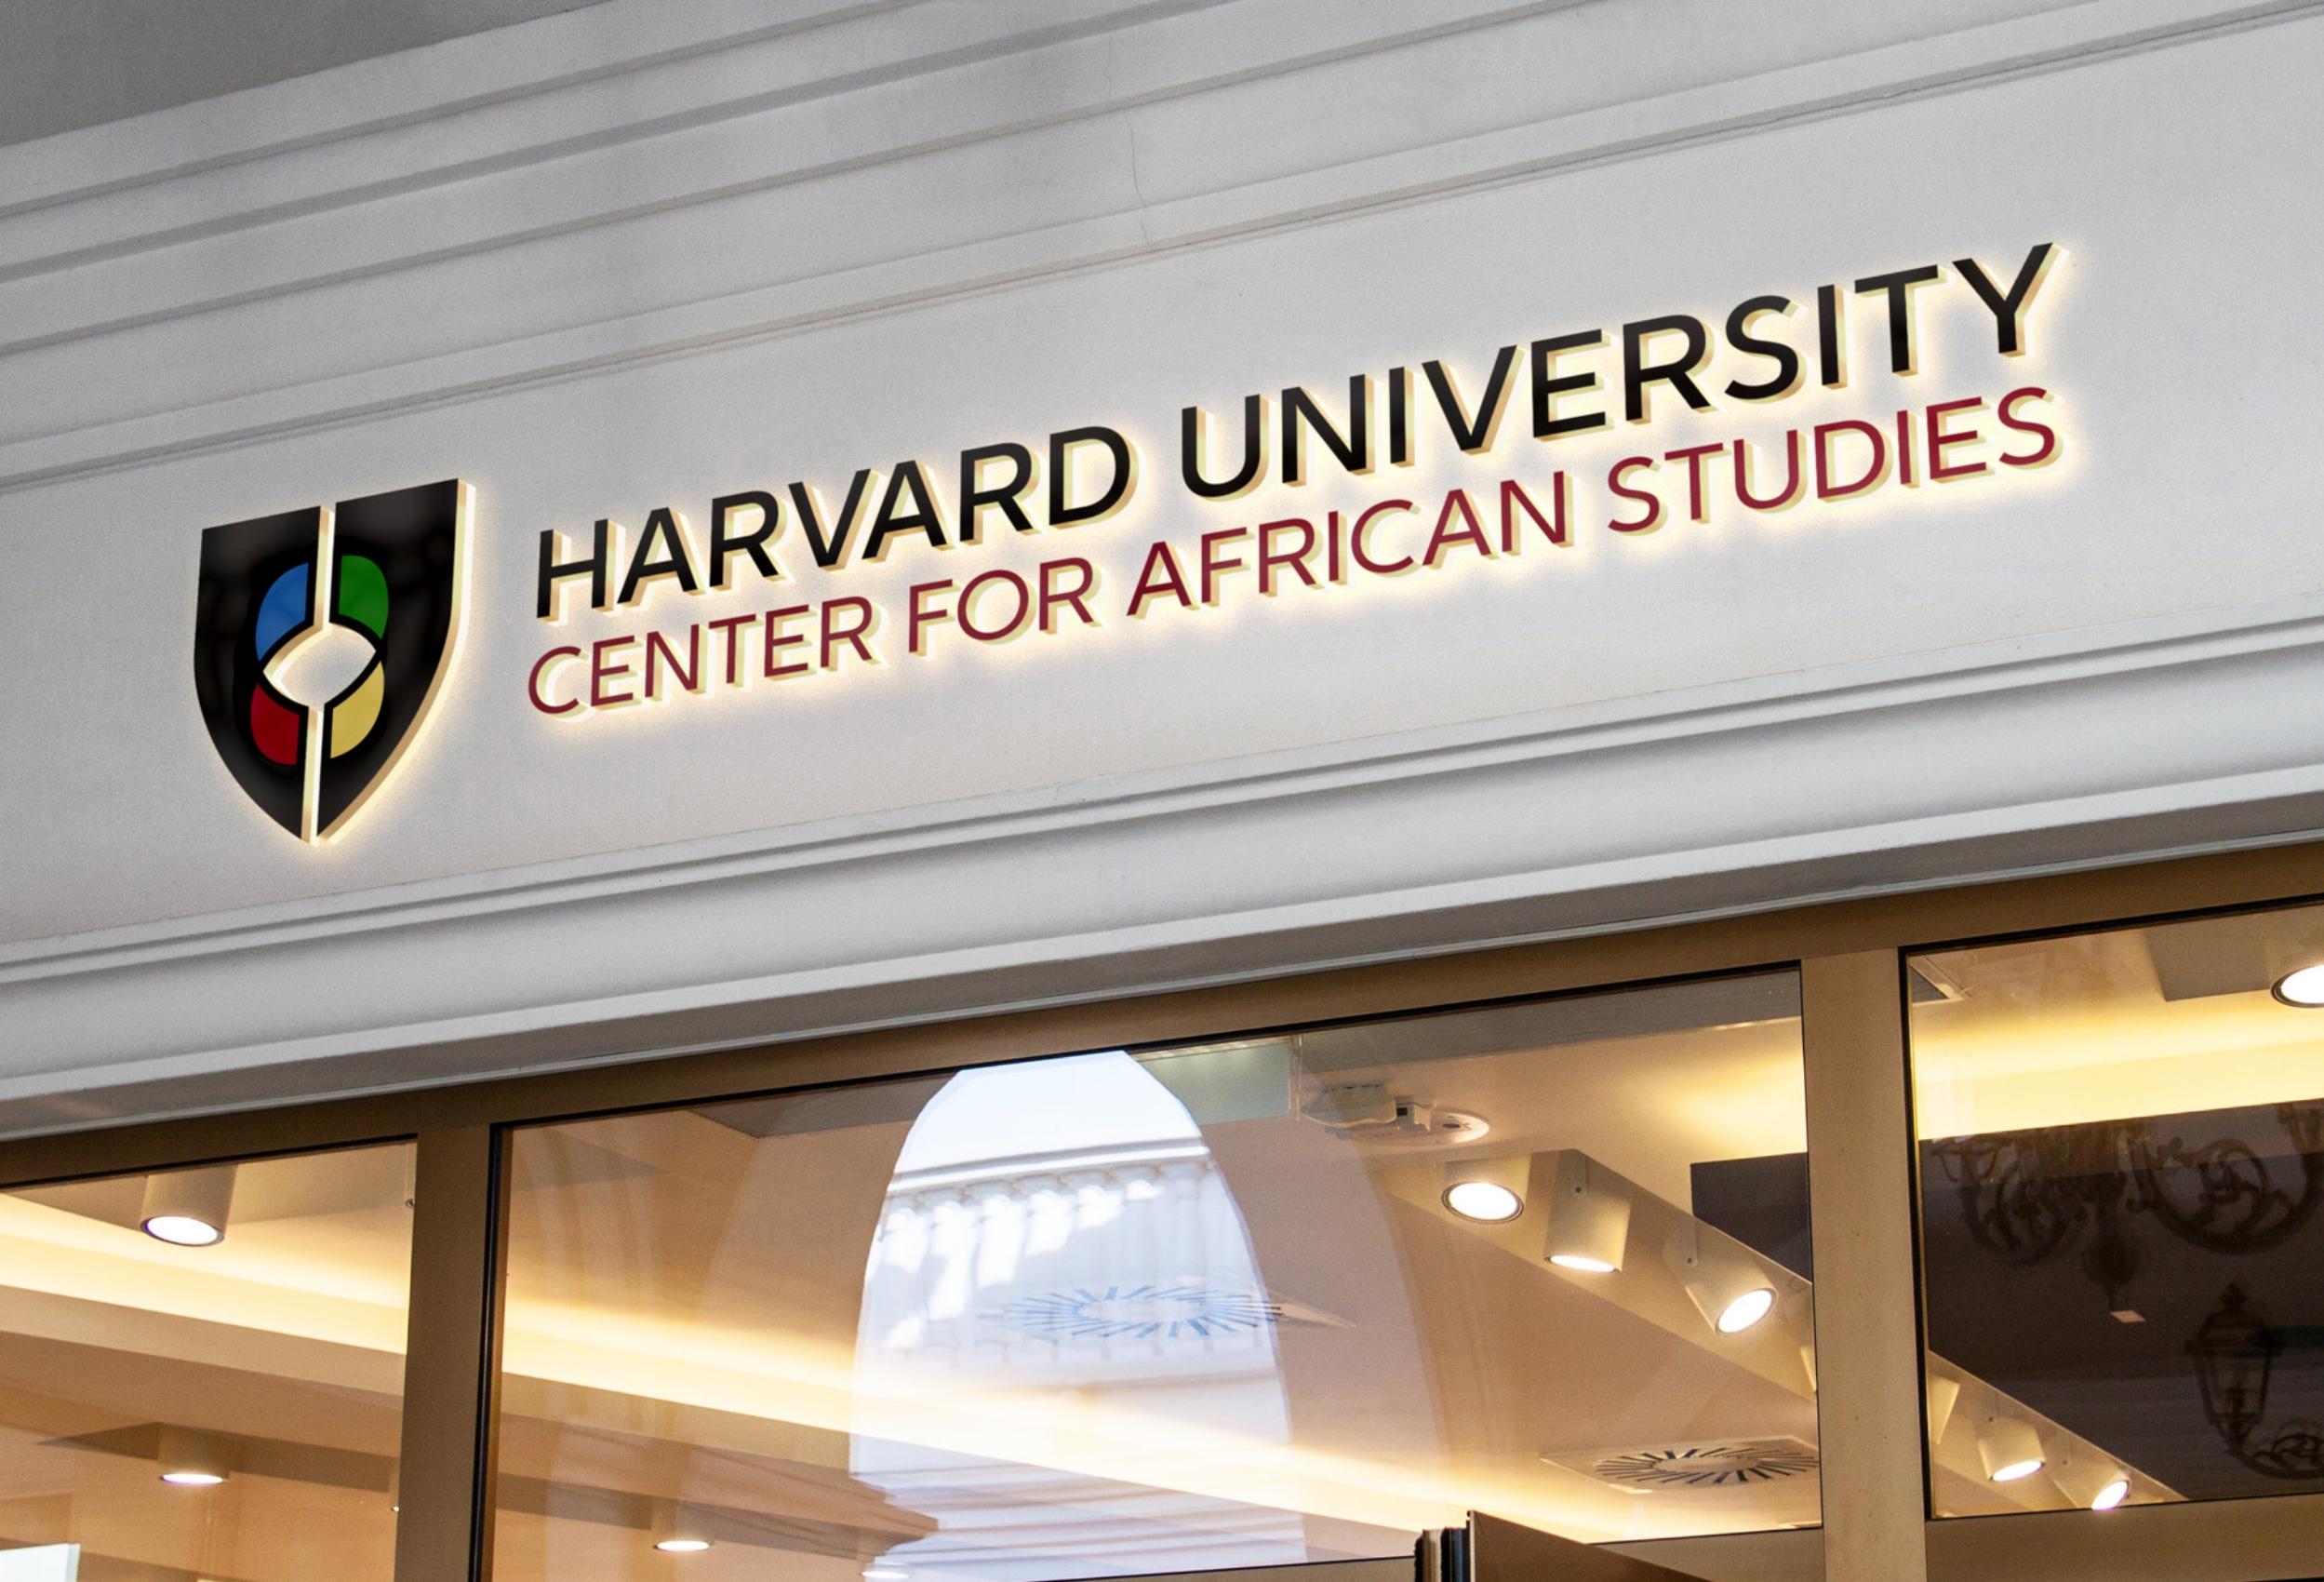 Harvard University Center for African Studies Brand Identity